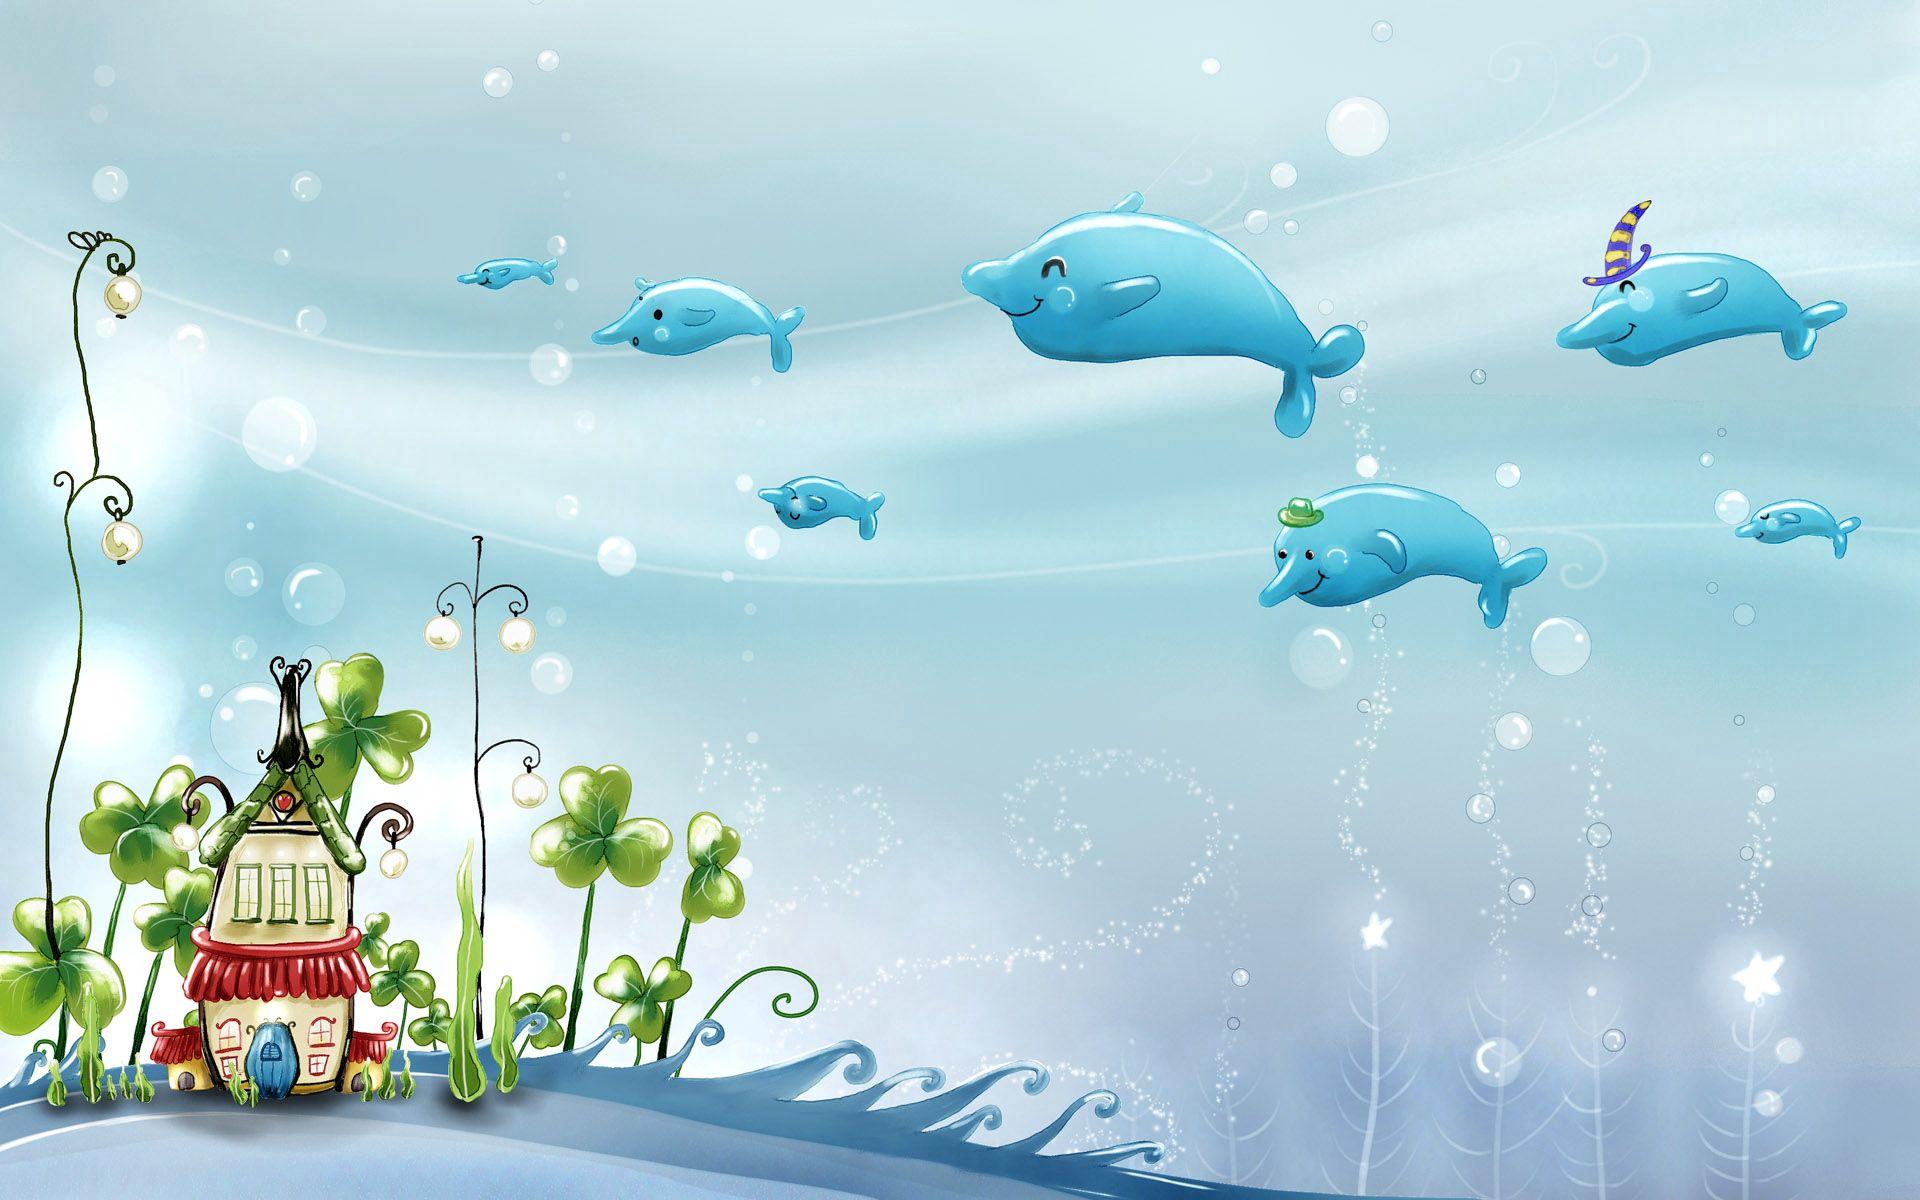 67780 Hintergrundbild herunterladen Delfine, Sea, Schwimmen, Verschiedenes, Sonstige, Hübsch, Es Ist Wunderschön - Bildschirmschoner und Bilder kostenlos